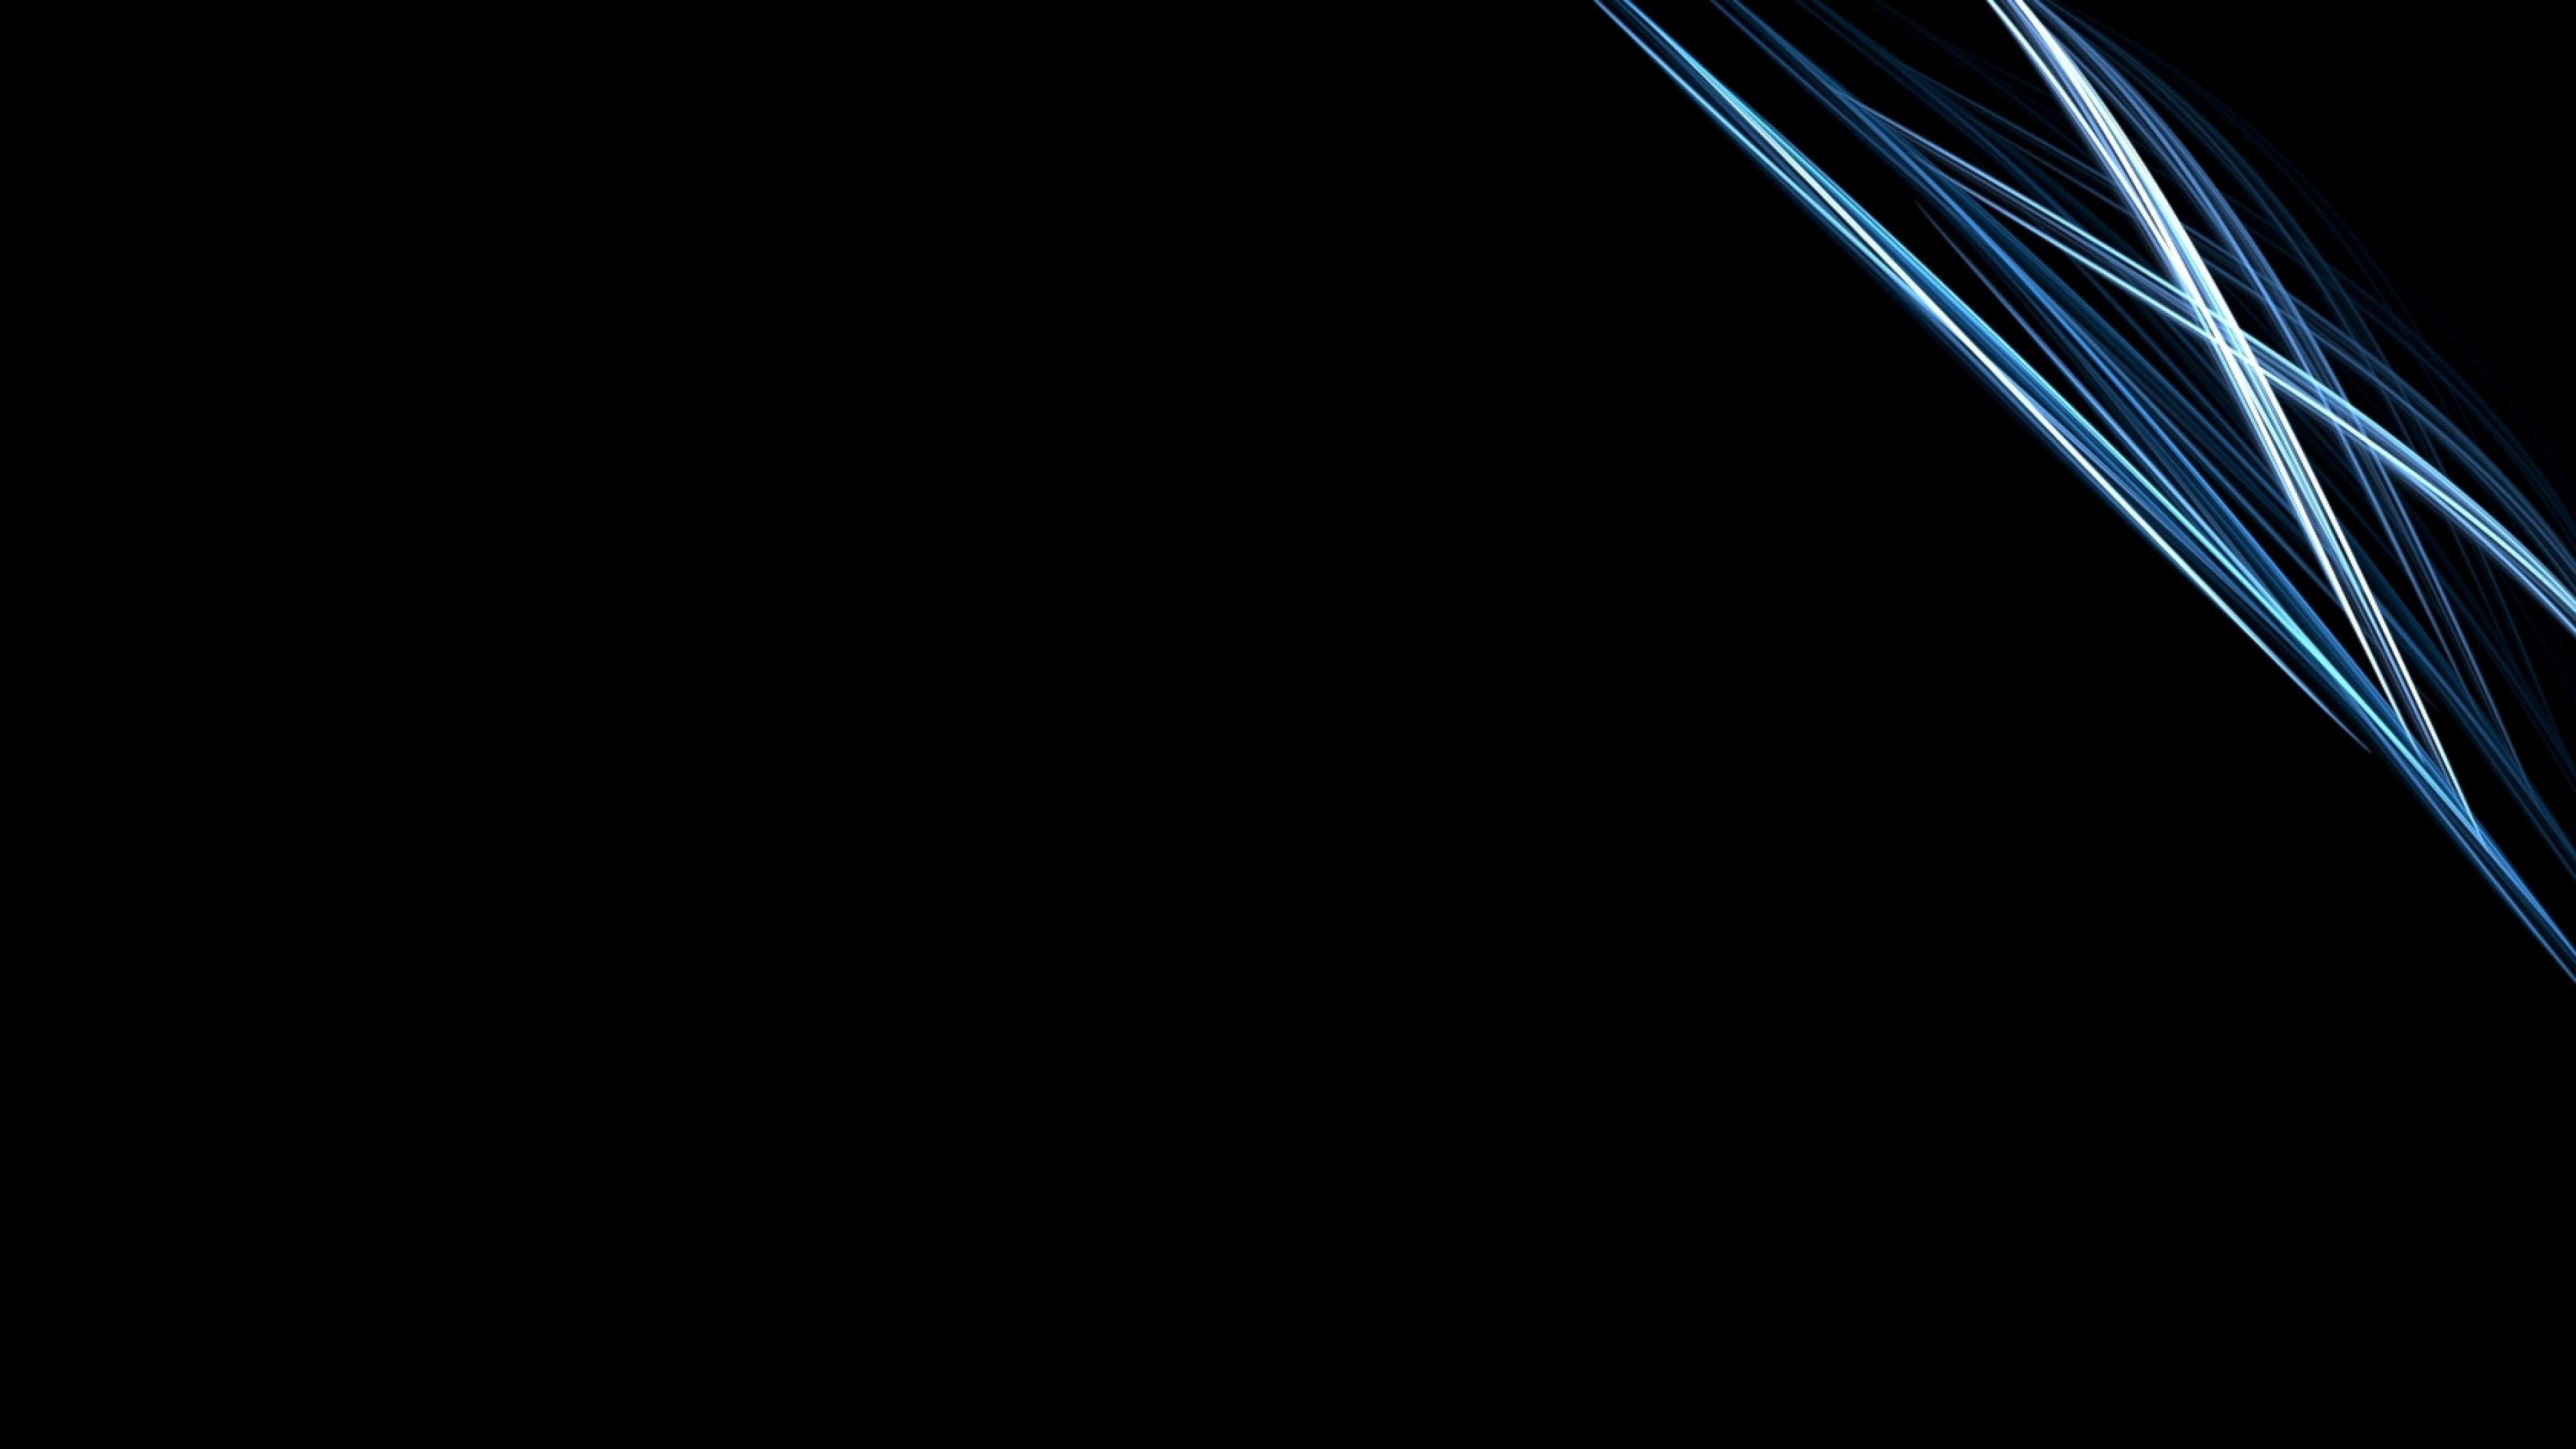 Download Wallpaper Black, White, Line, Silver 4K Ultra HD HD .